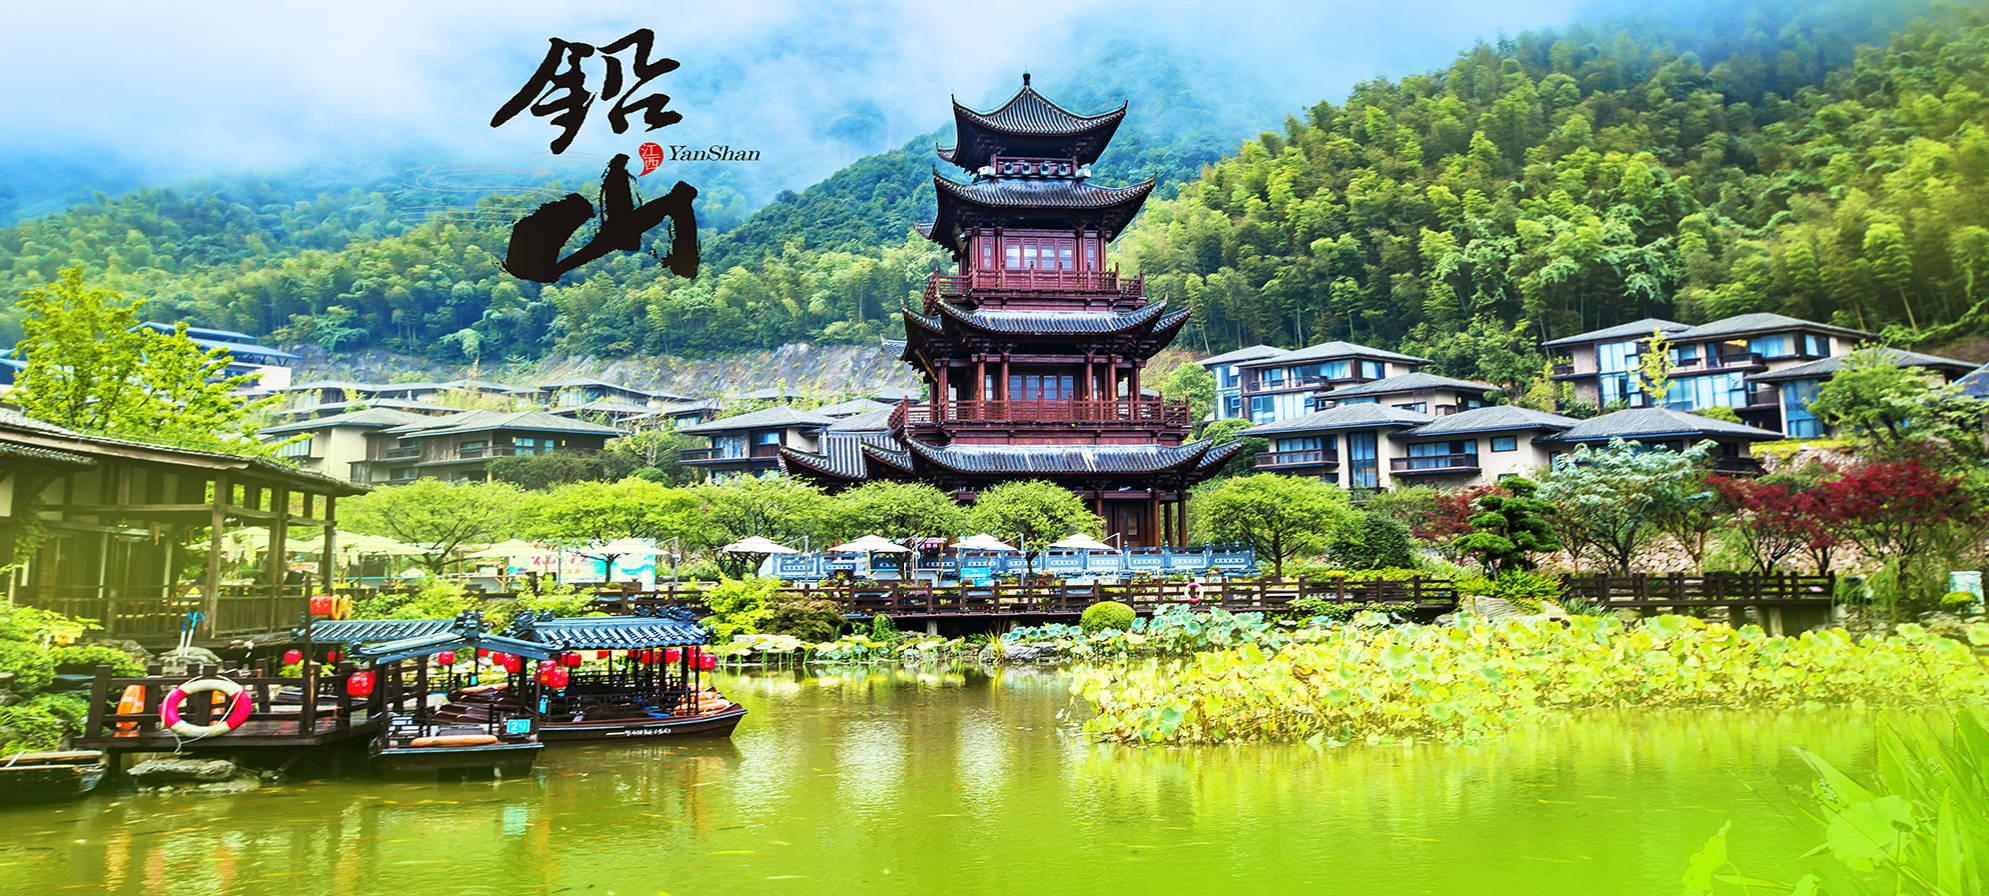 在八省通衢的江西铅山,传承一份初心,探访一首歌的传奇故事